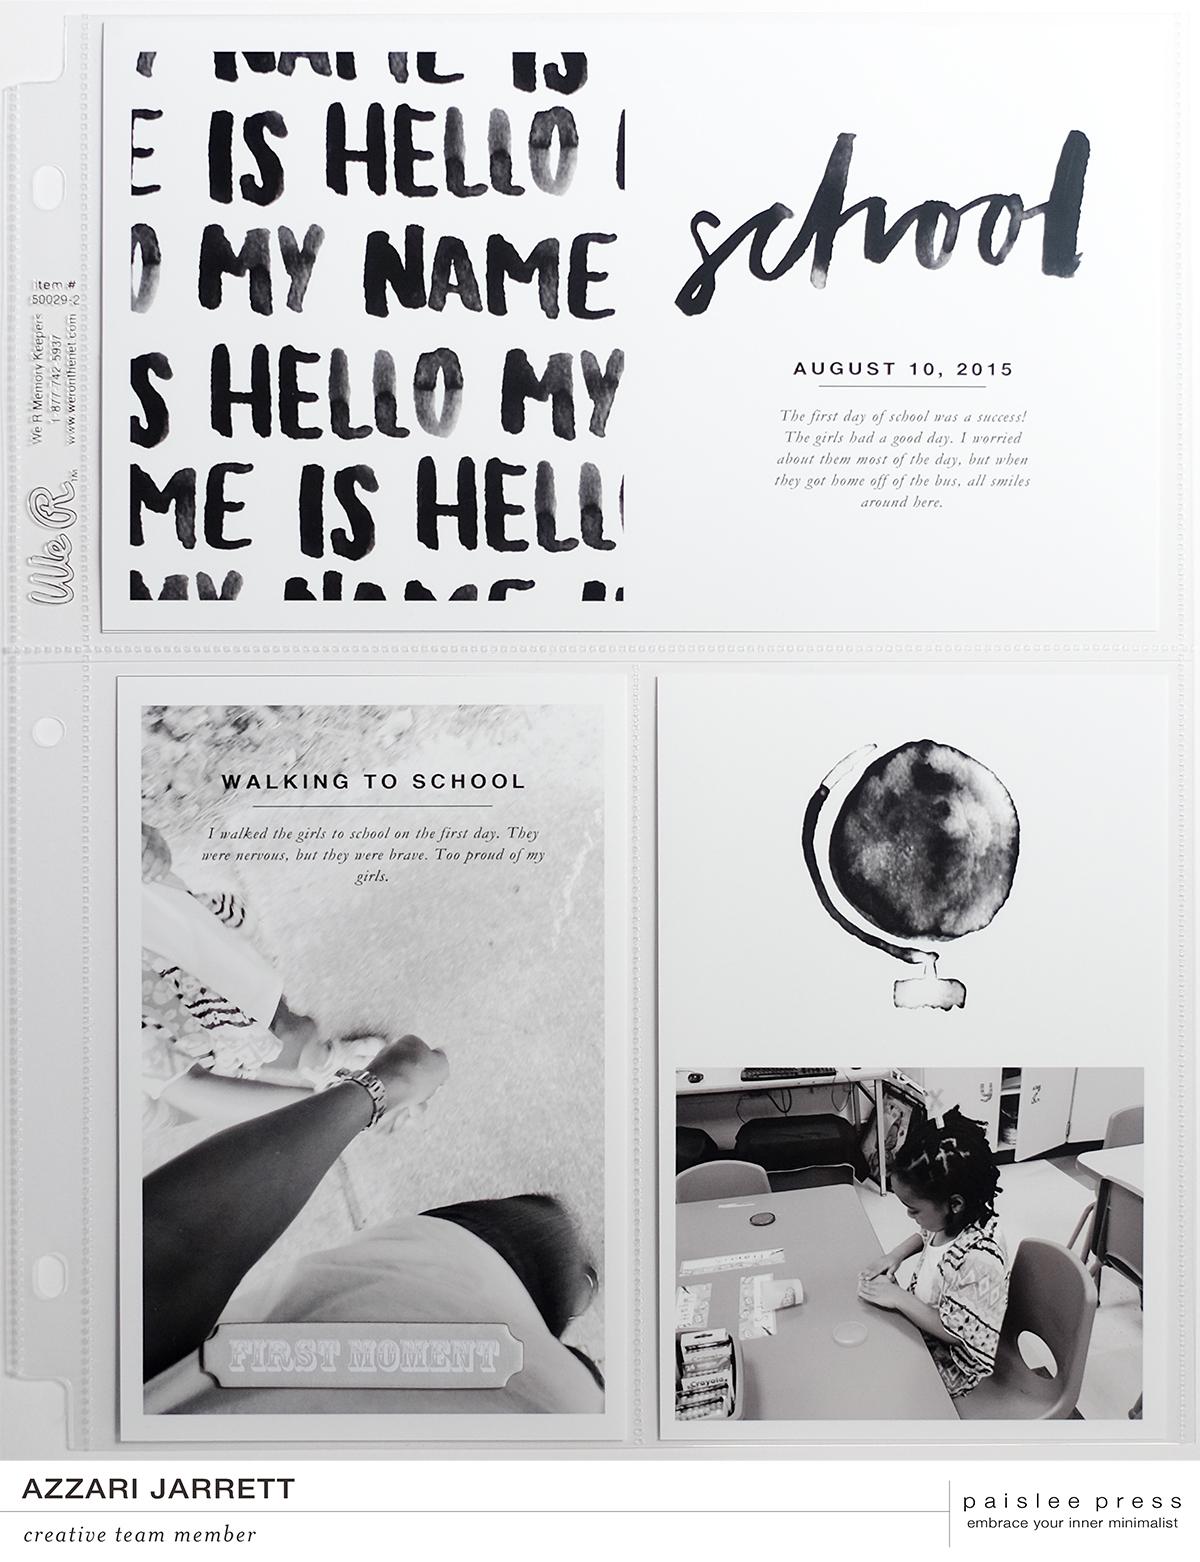 School Layout | Azzari Jarrett